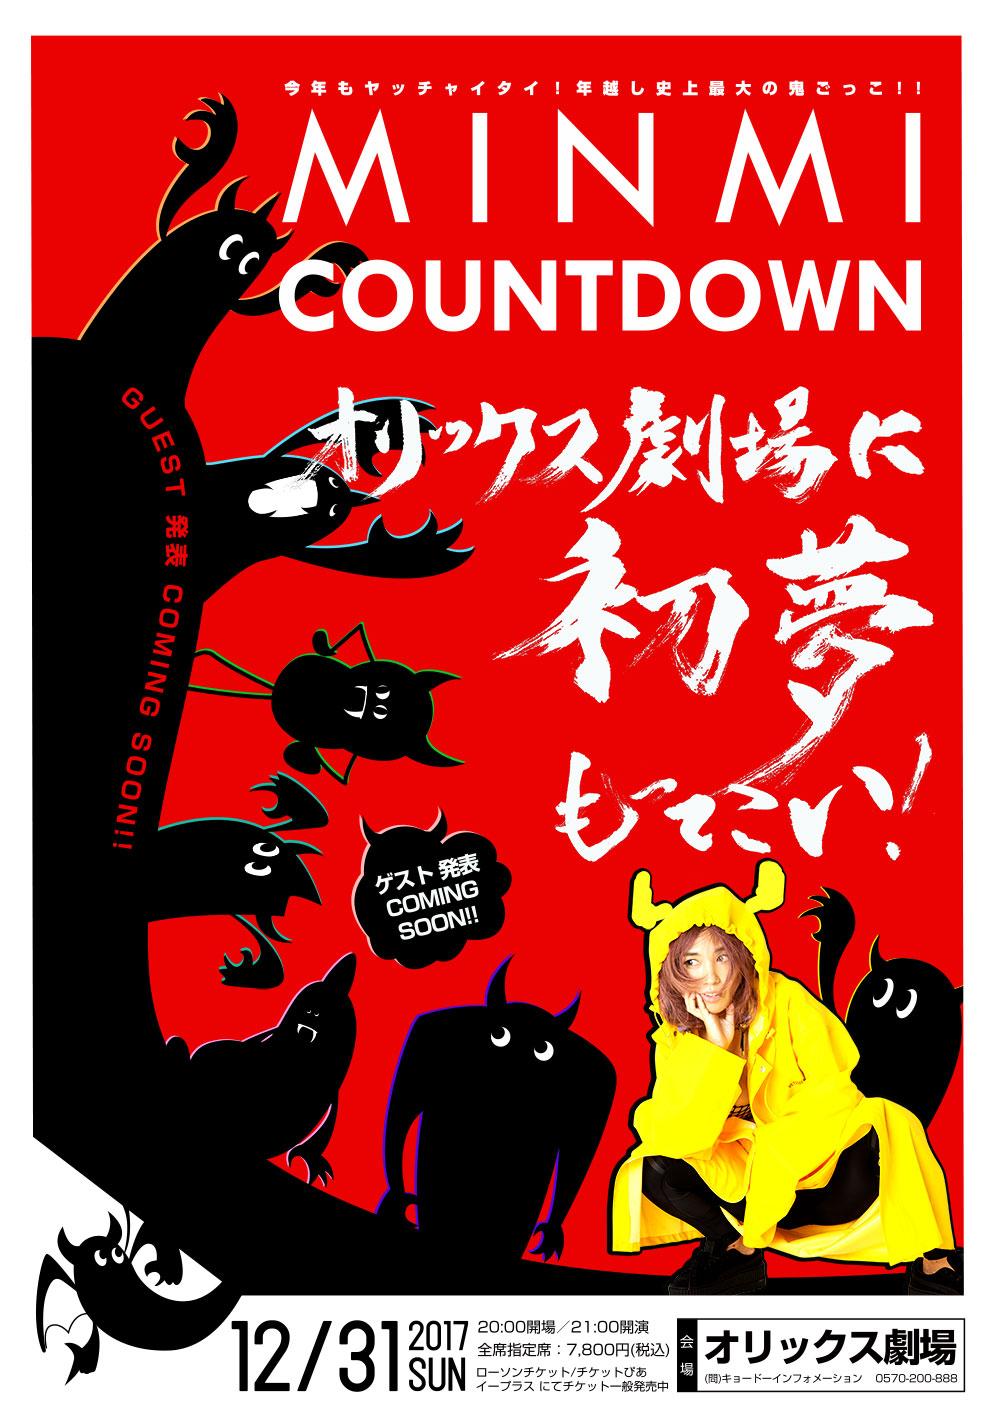 minmi-countdown-w1000